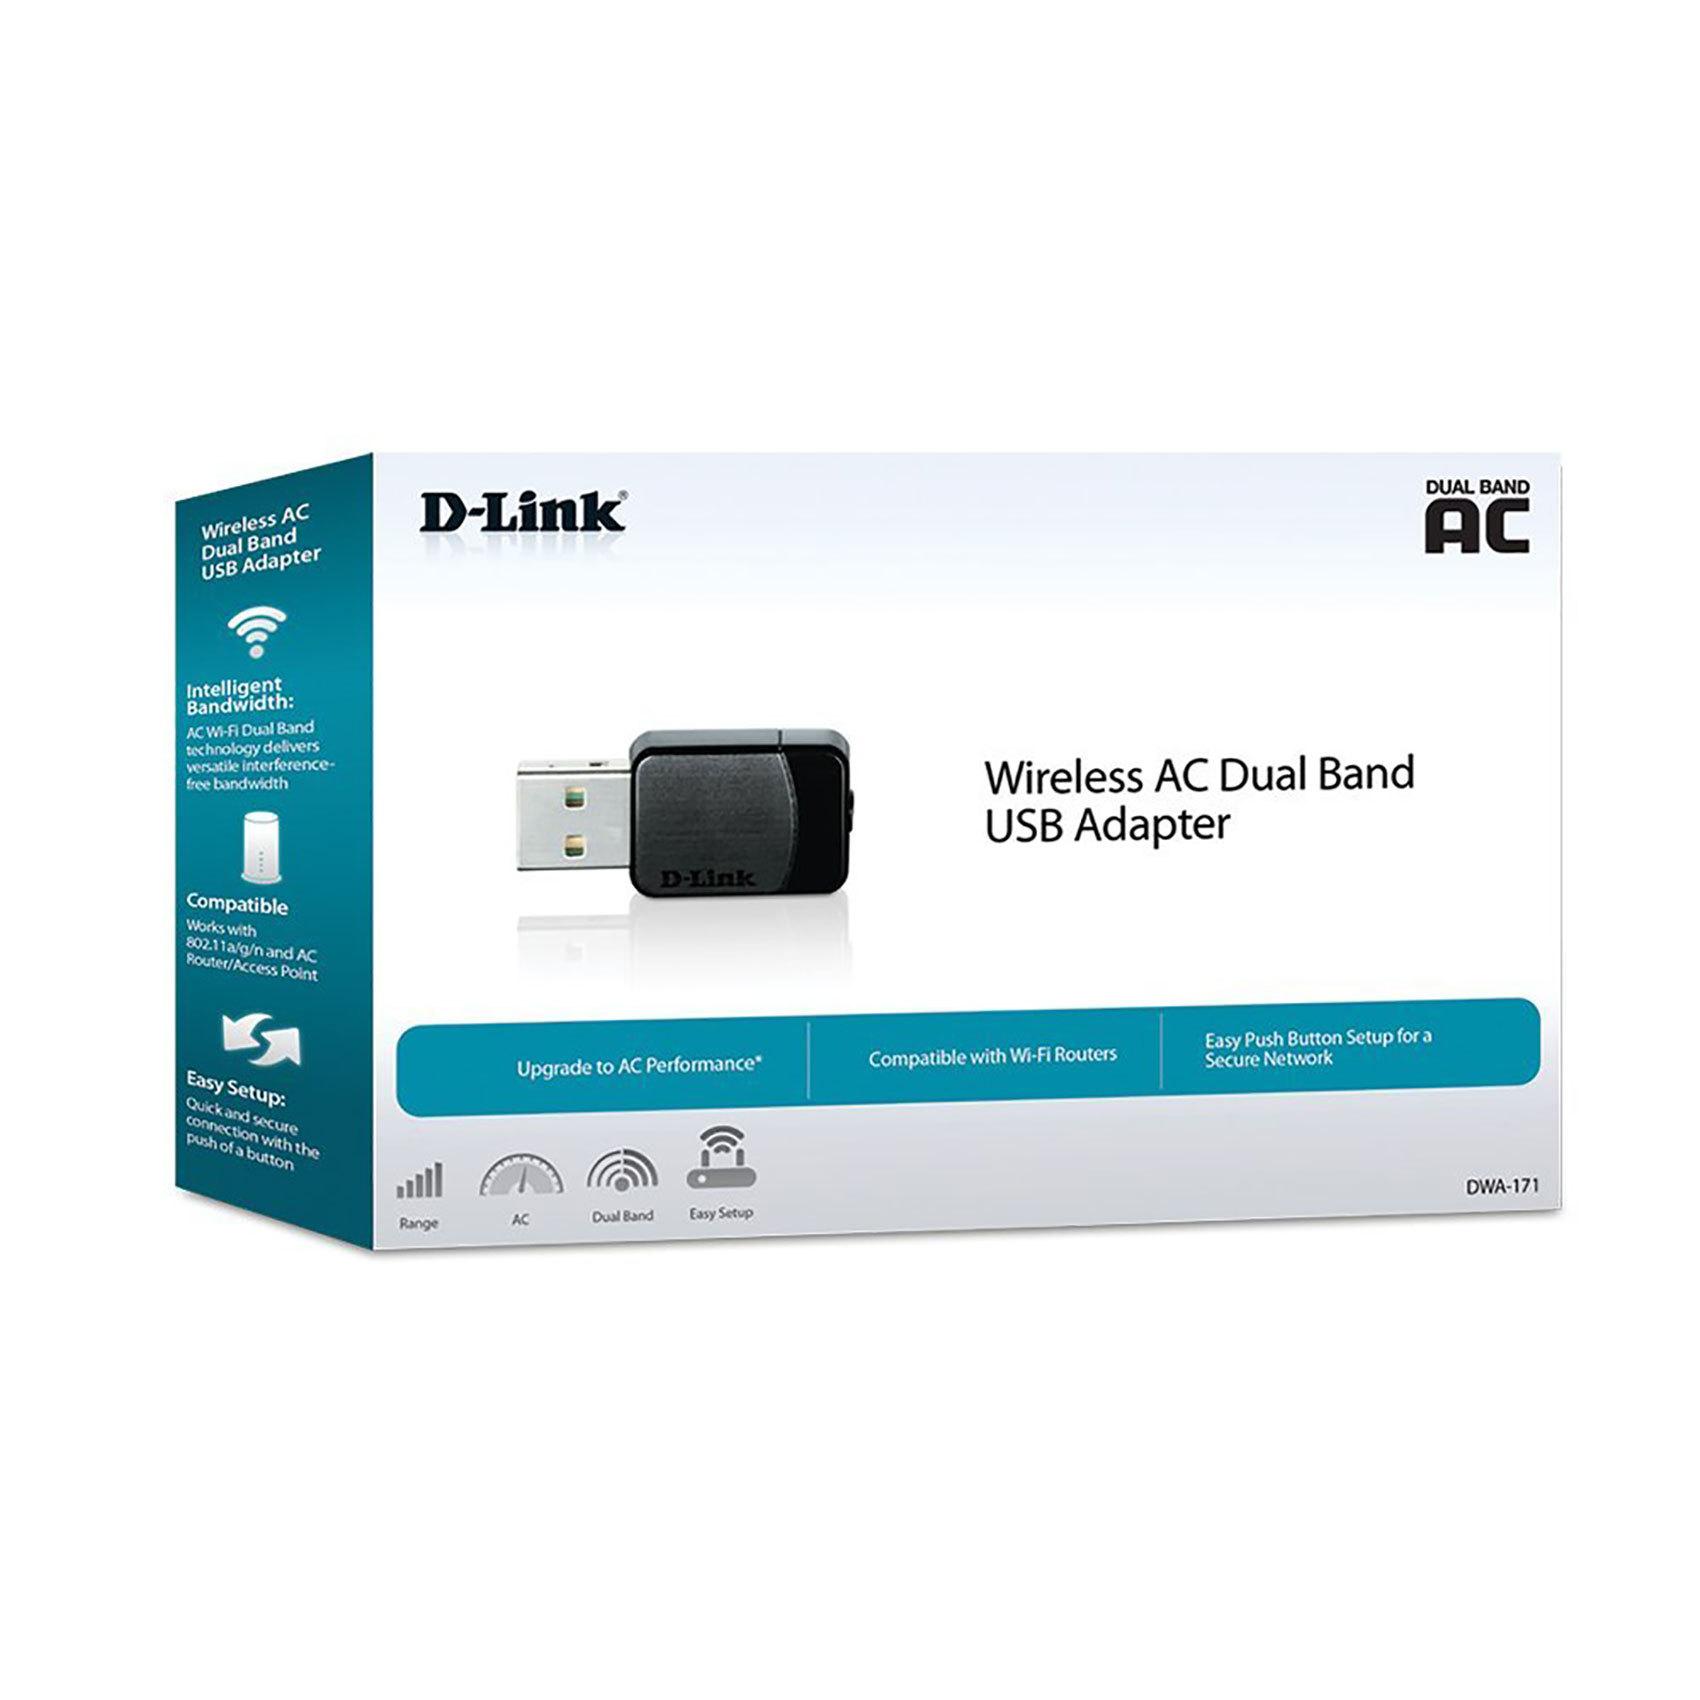 D-LINK W/L USB ADAP 11AC DWA-171